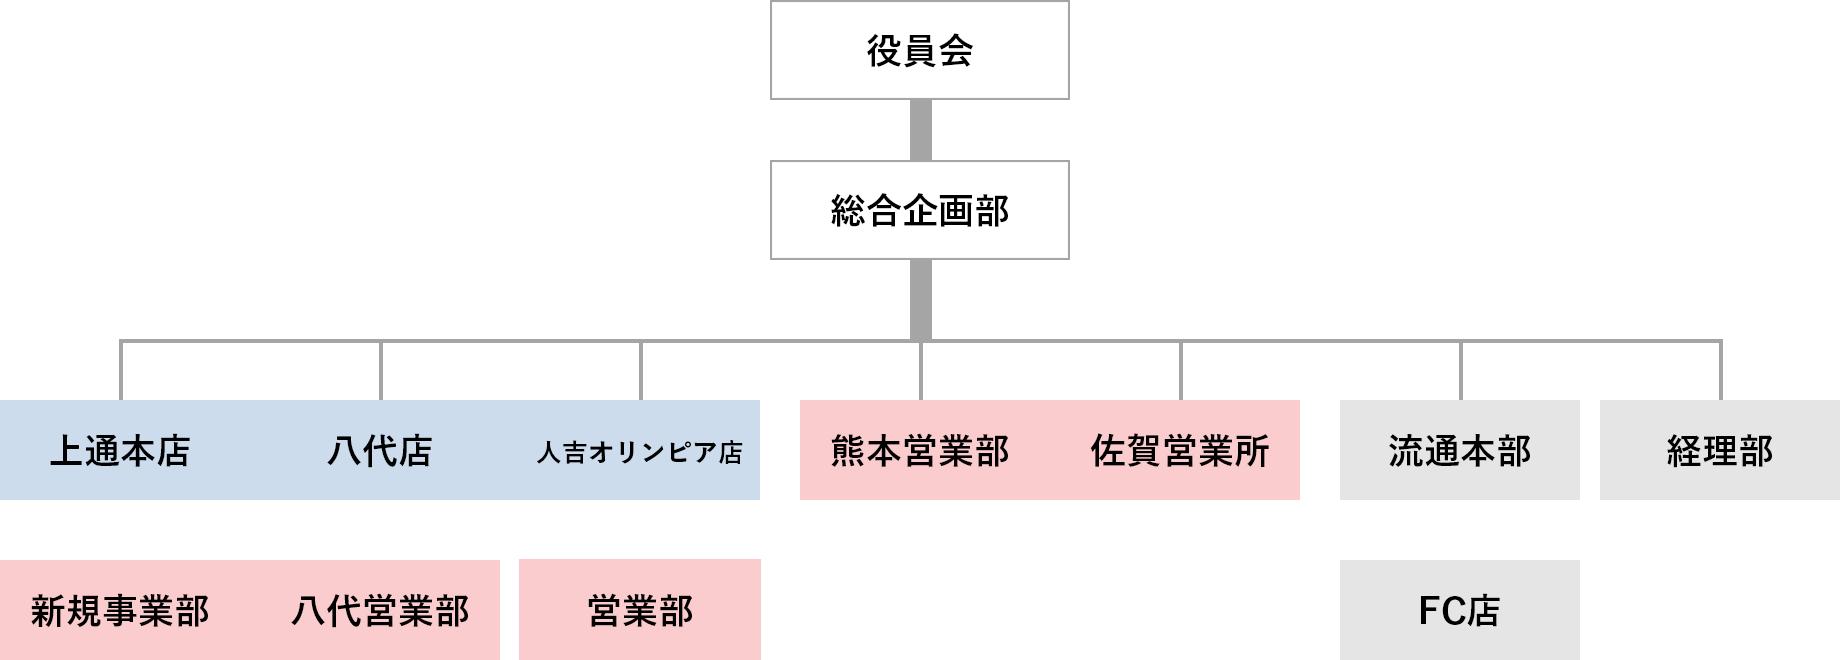 図:ハヤカワスポーツ 組織図